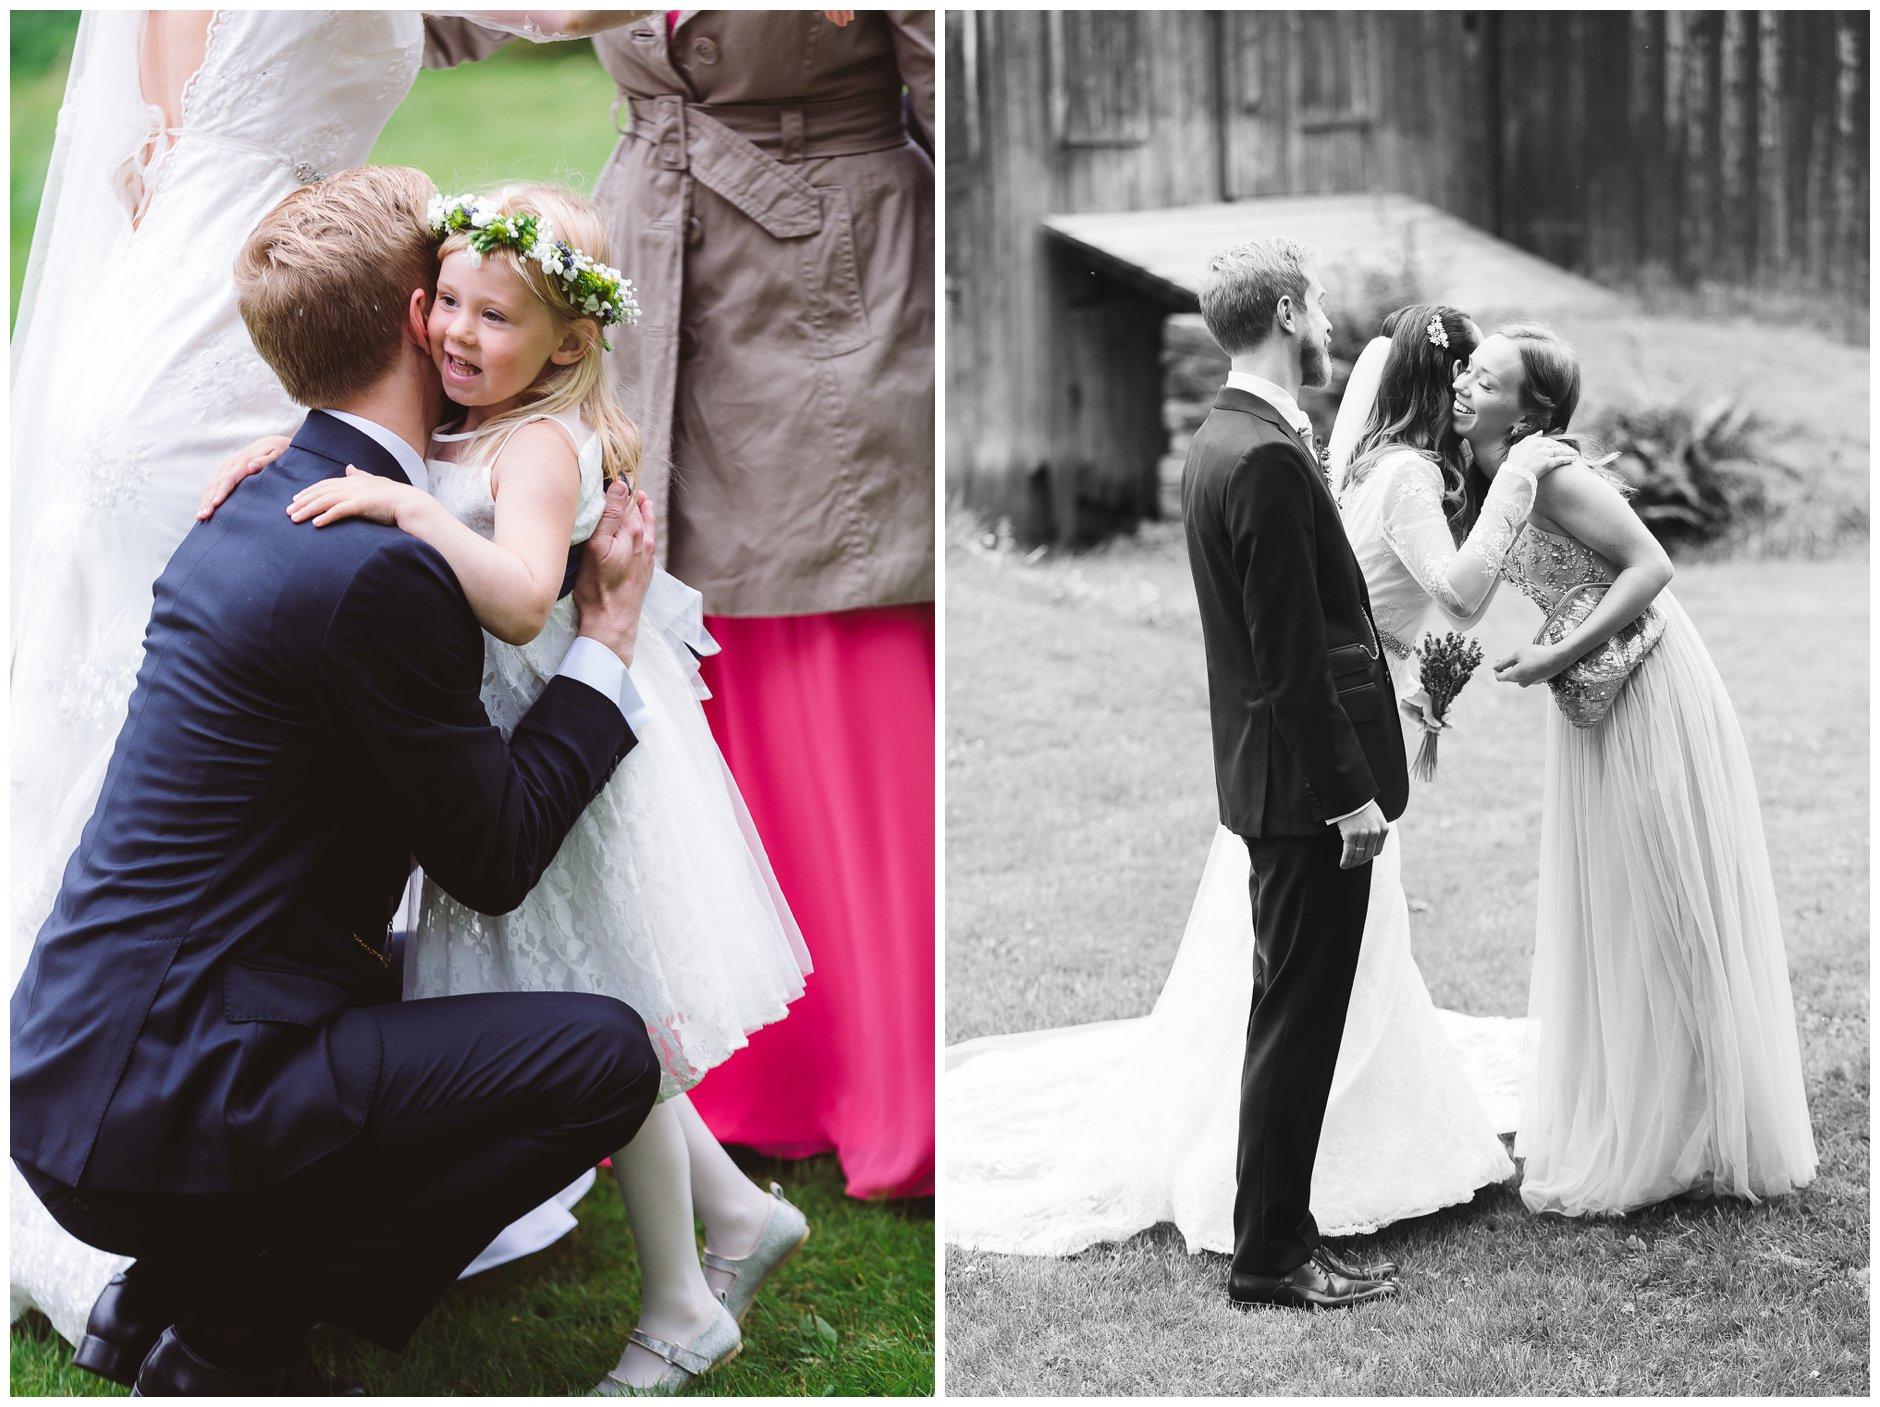 Fotograf-Eline-Jacobine-Bryllup-Glenne-Gård-Glenne-Weddig_0050